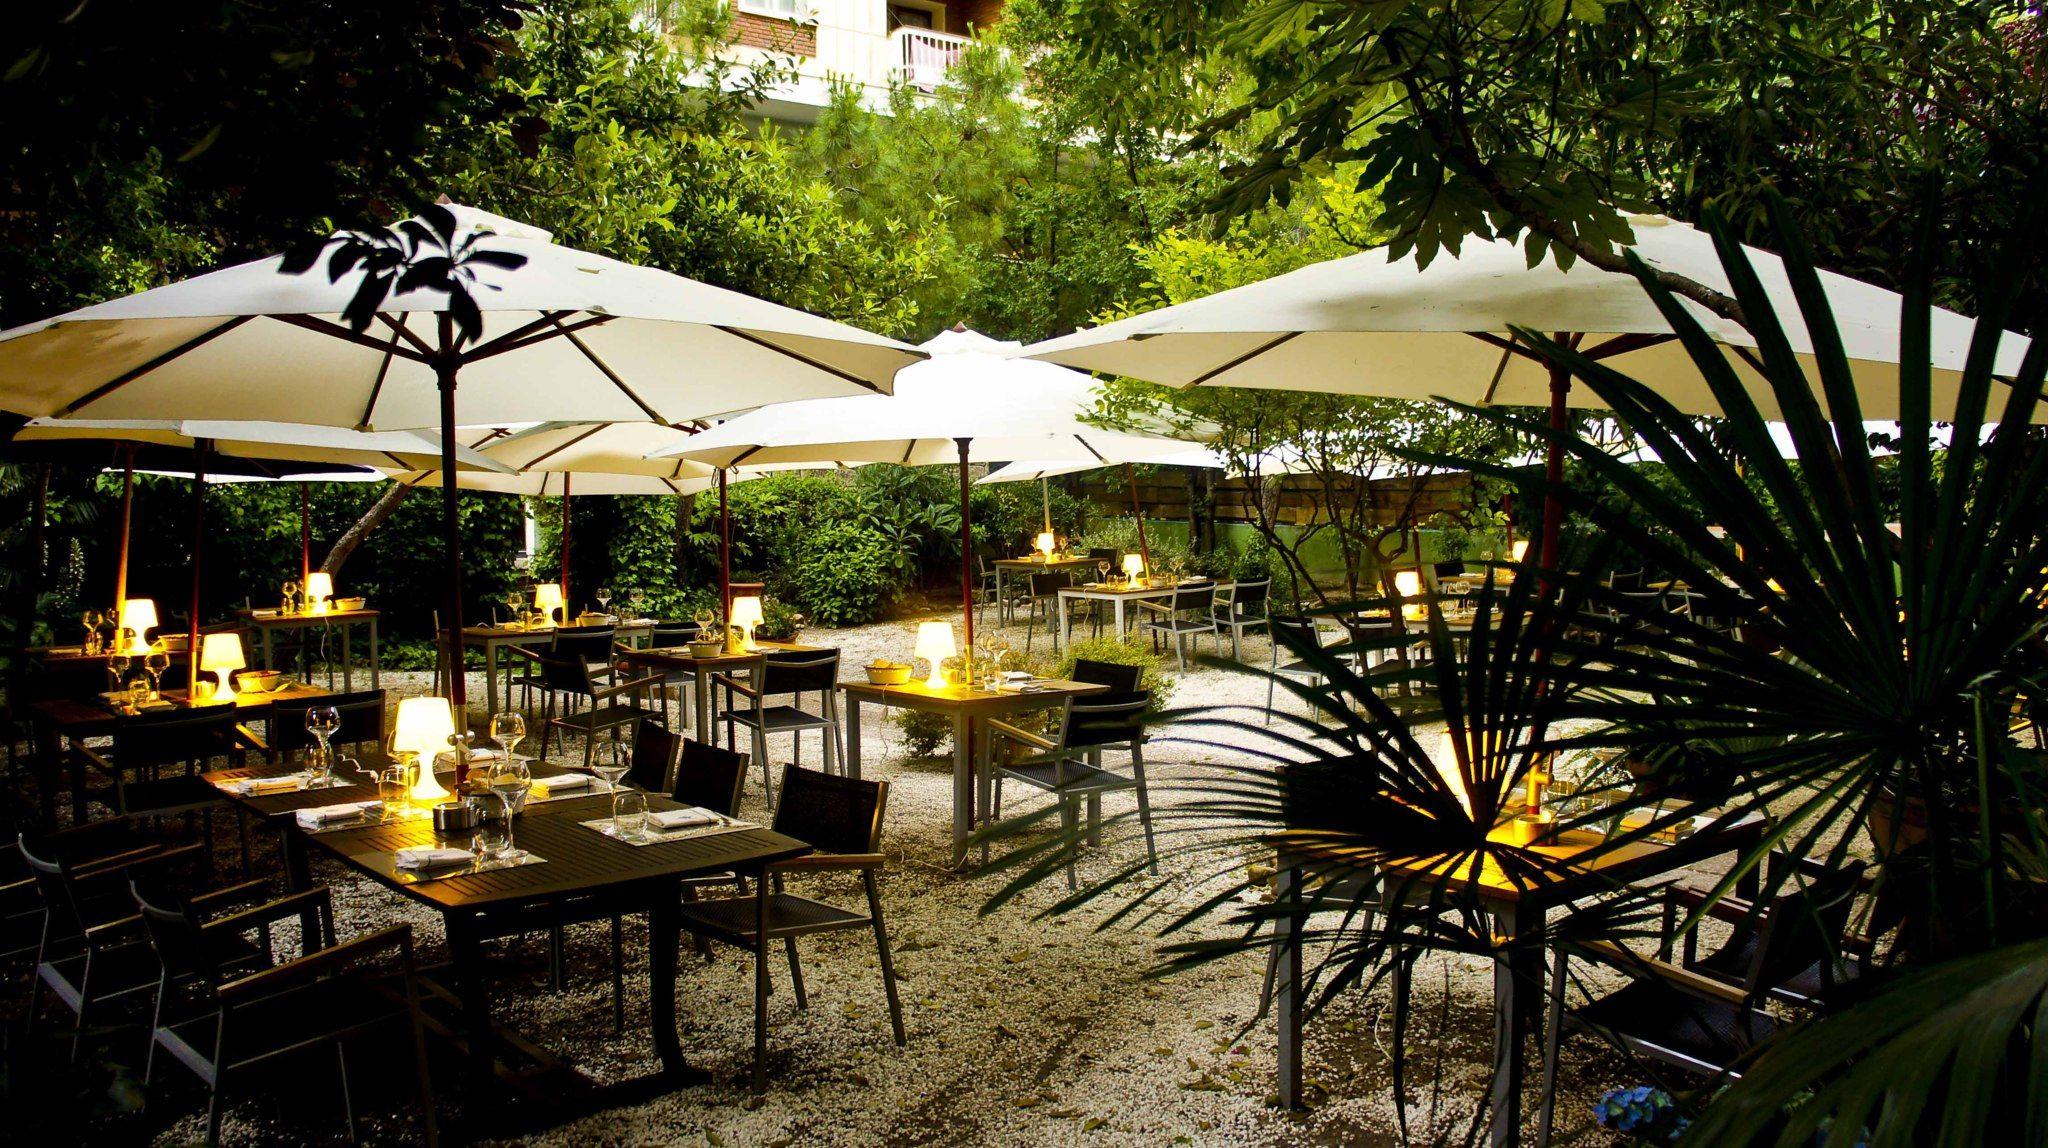 Los mejores restaurantes con terraza de Madrid | Metropoli.com